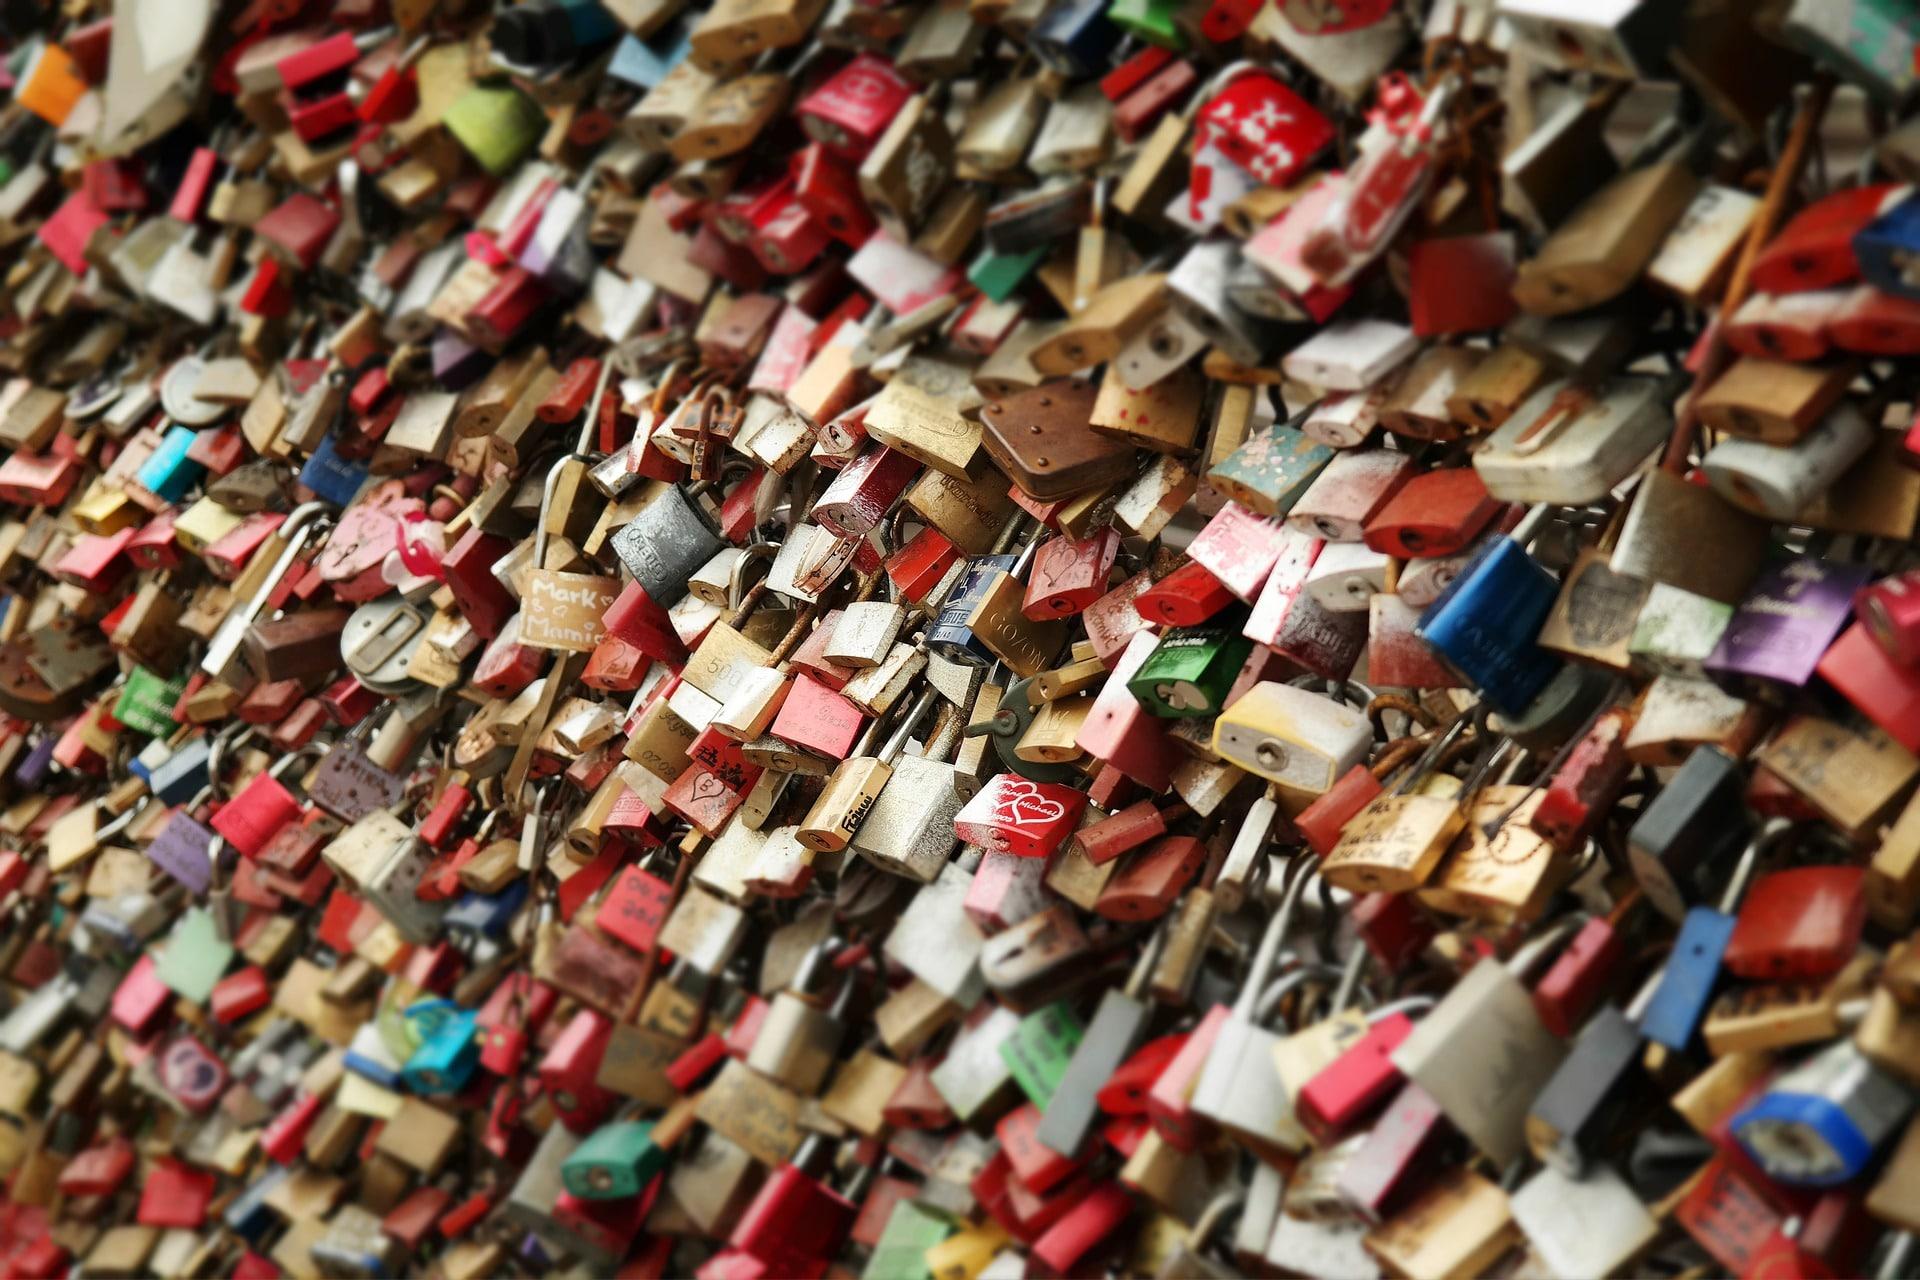 Zugewinngemeinschaft, Schluss, Schlüssel, Liebesschloss, Trennung, Scheidung